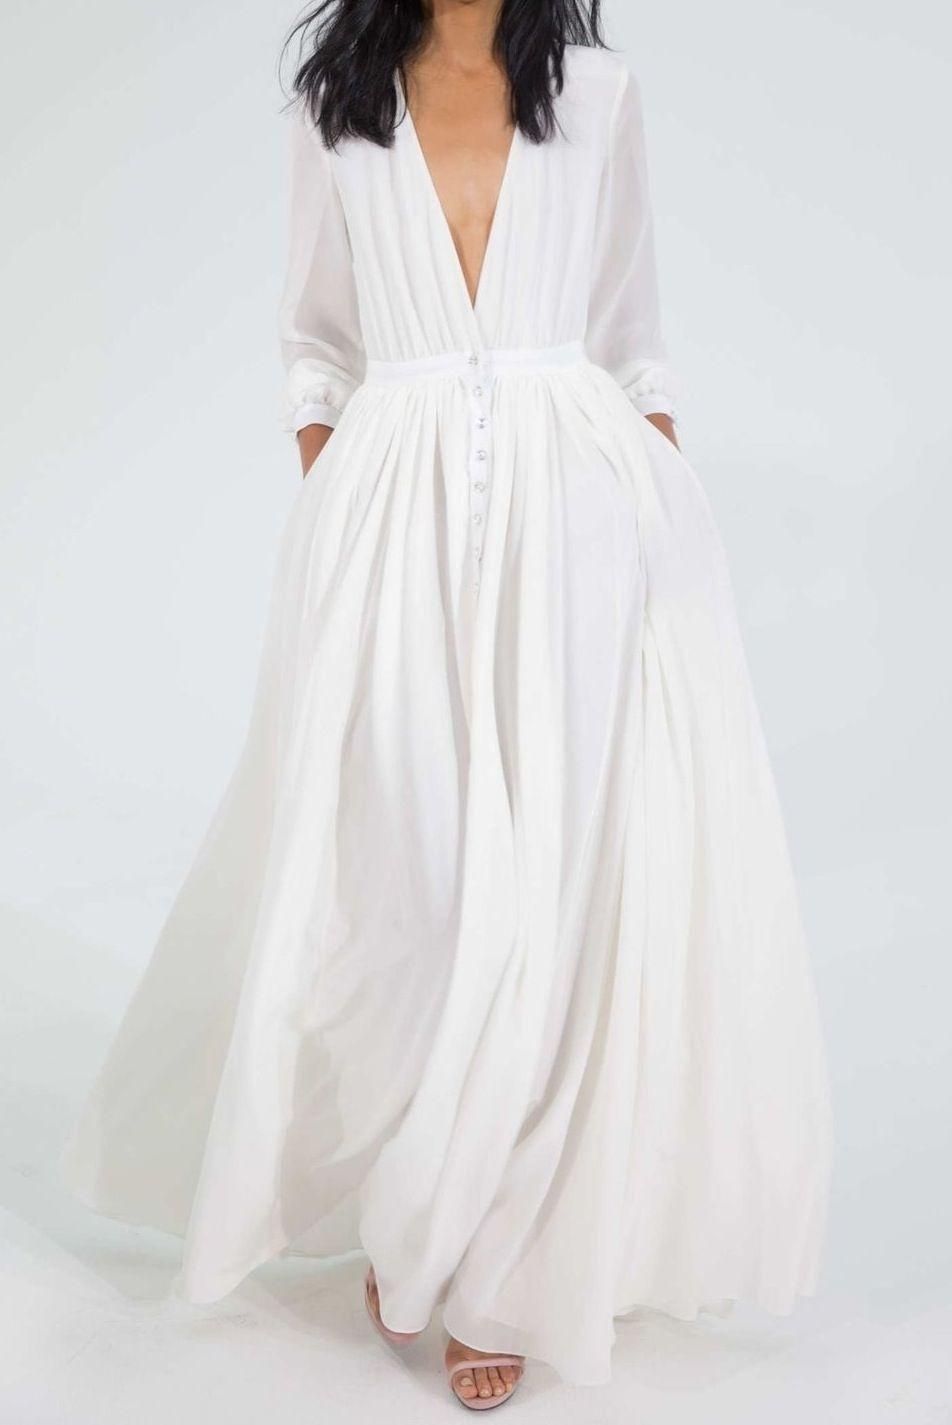 Schön Weißes Kleid Mit Ärmeln Spezialgebiet10 Cool Weißes Kleid Mit Ärmeln Boutique